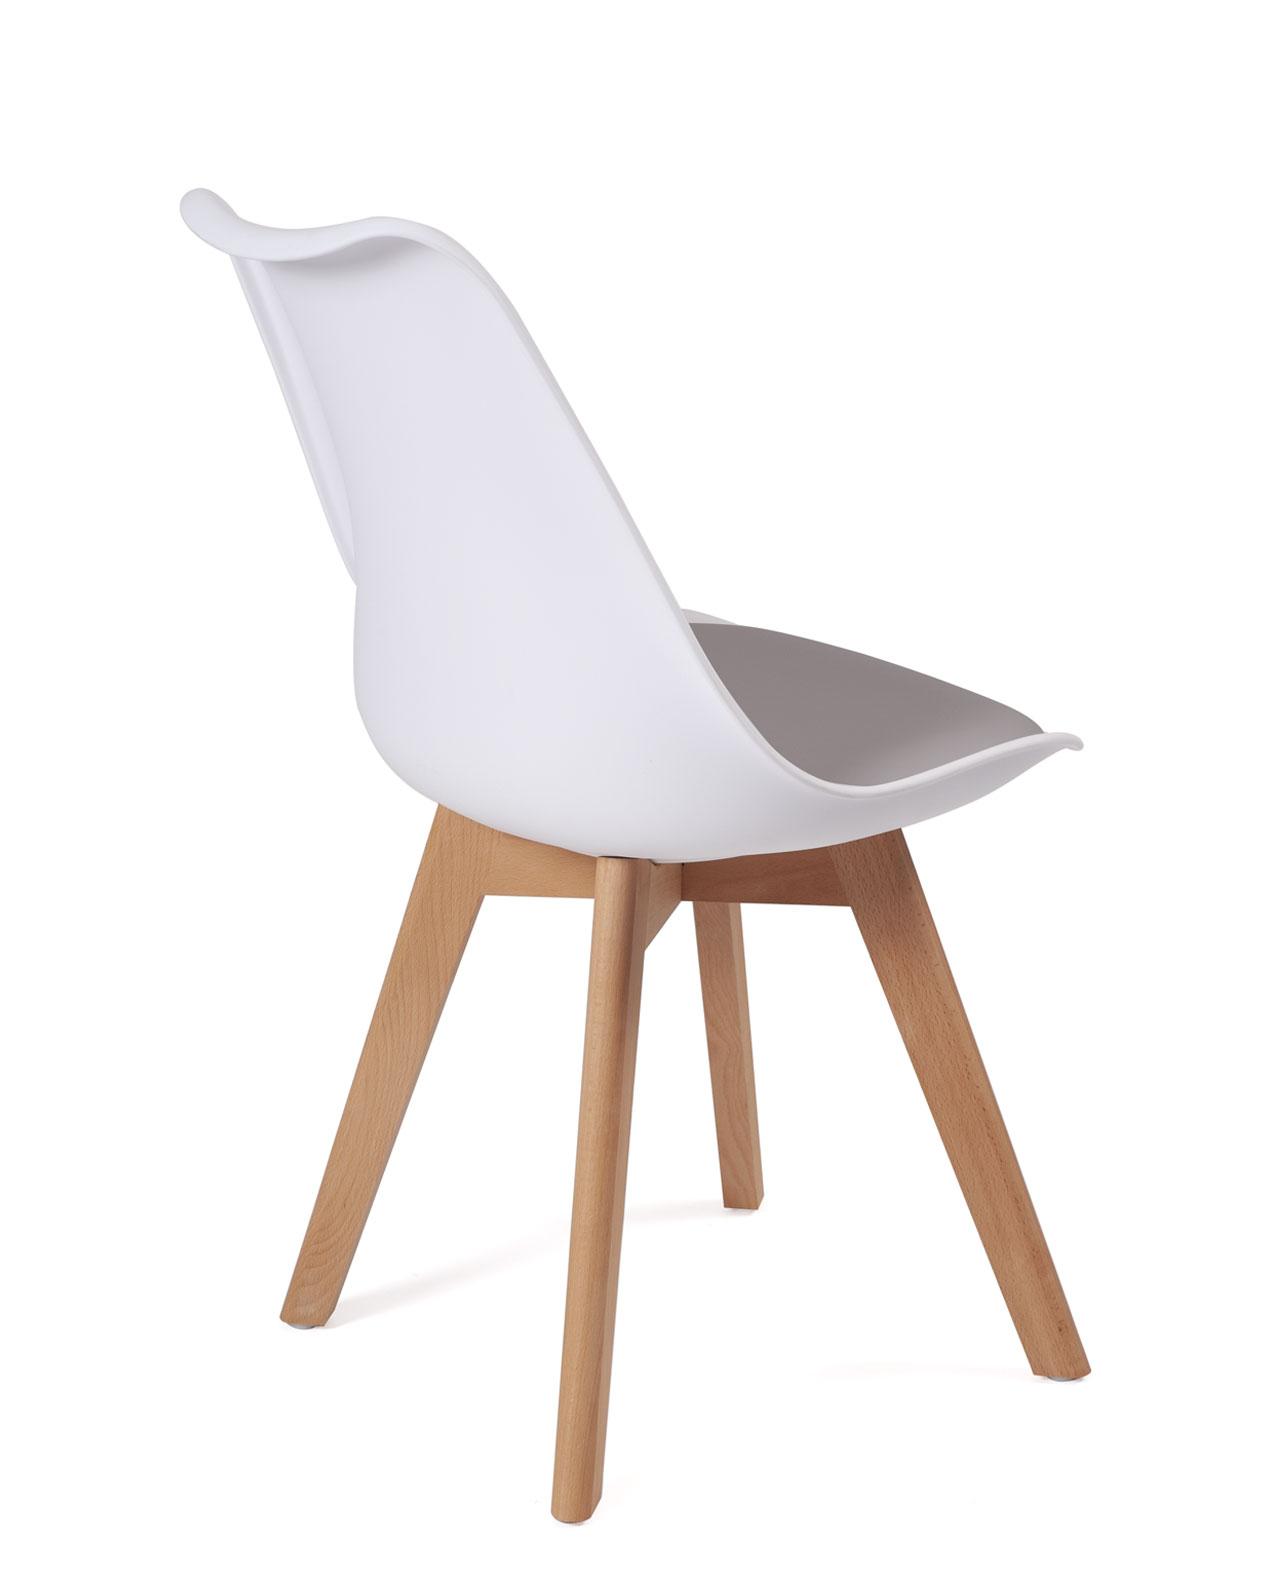 chaise scandinave avec coussin lao lot de 2